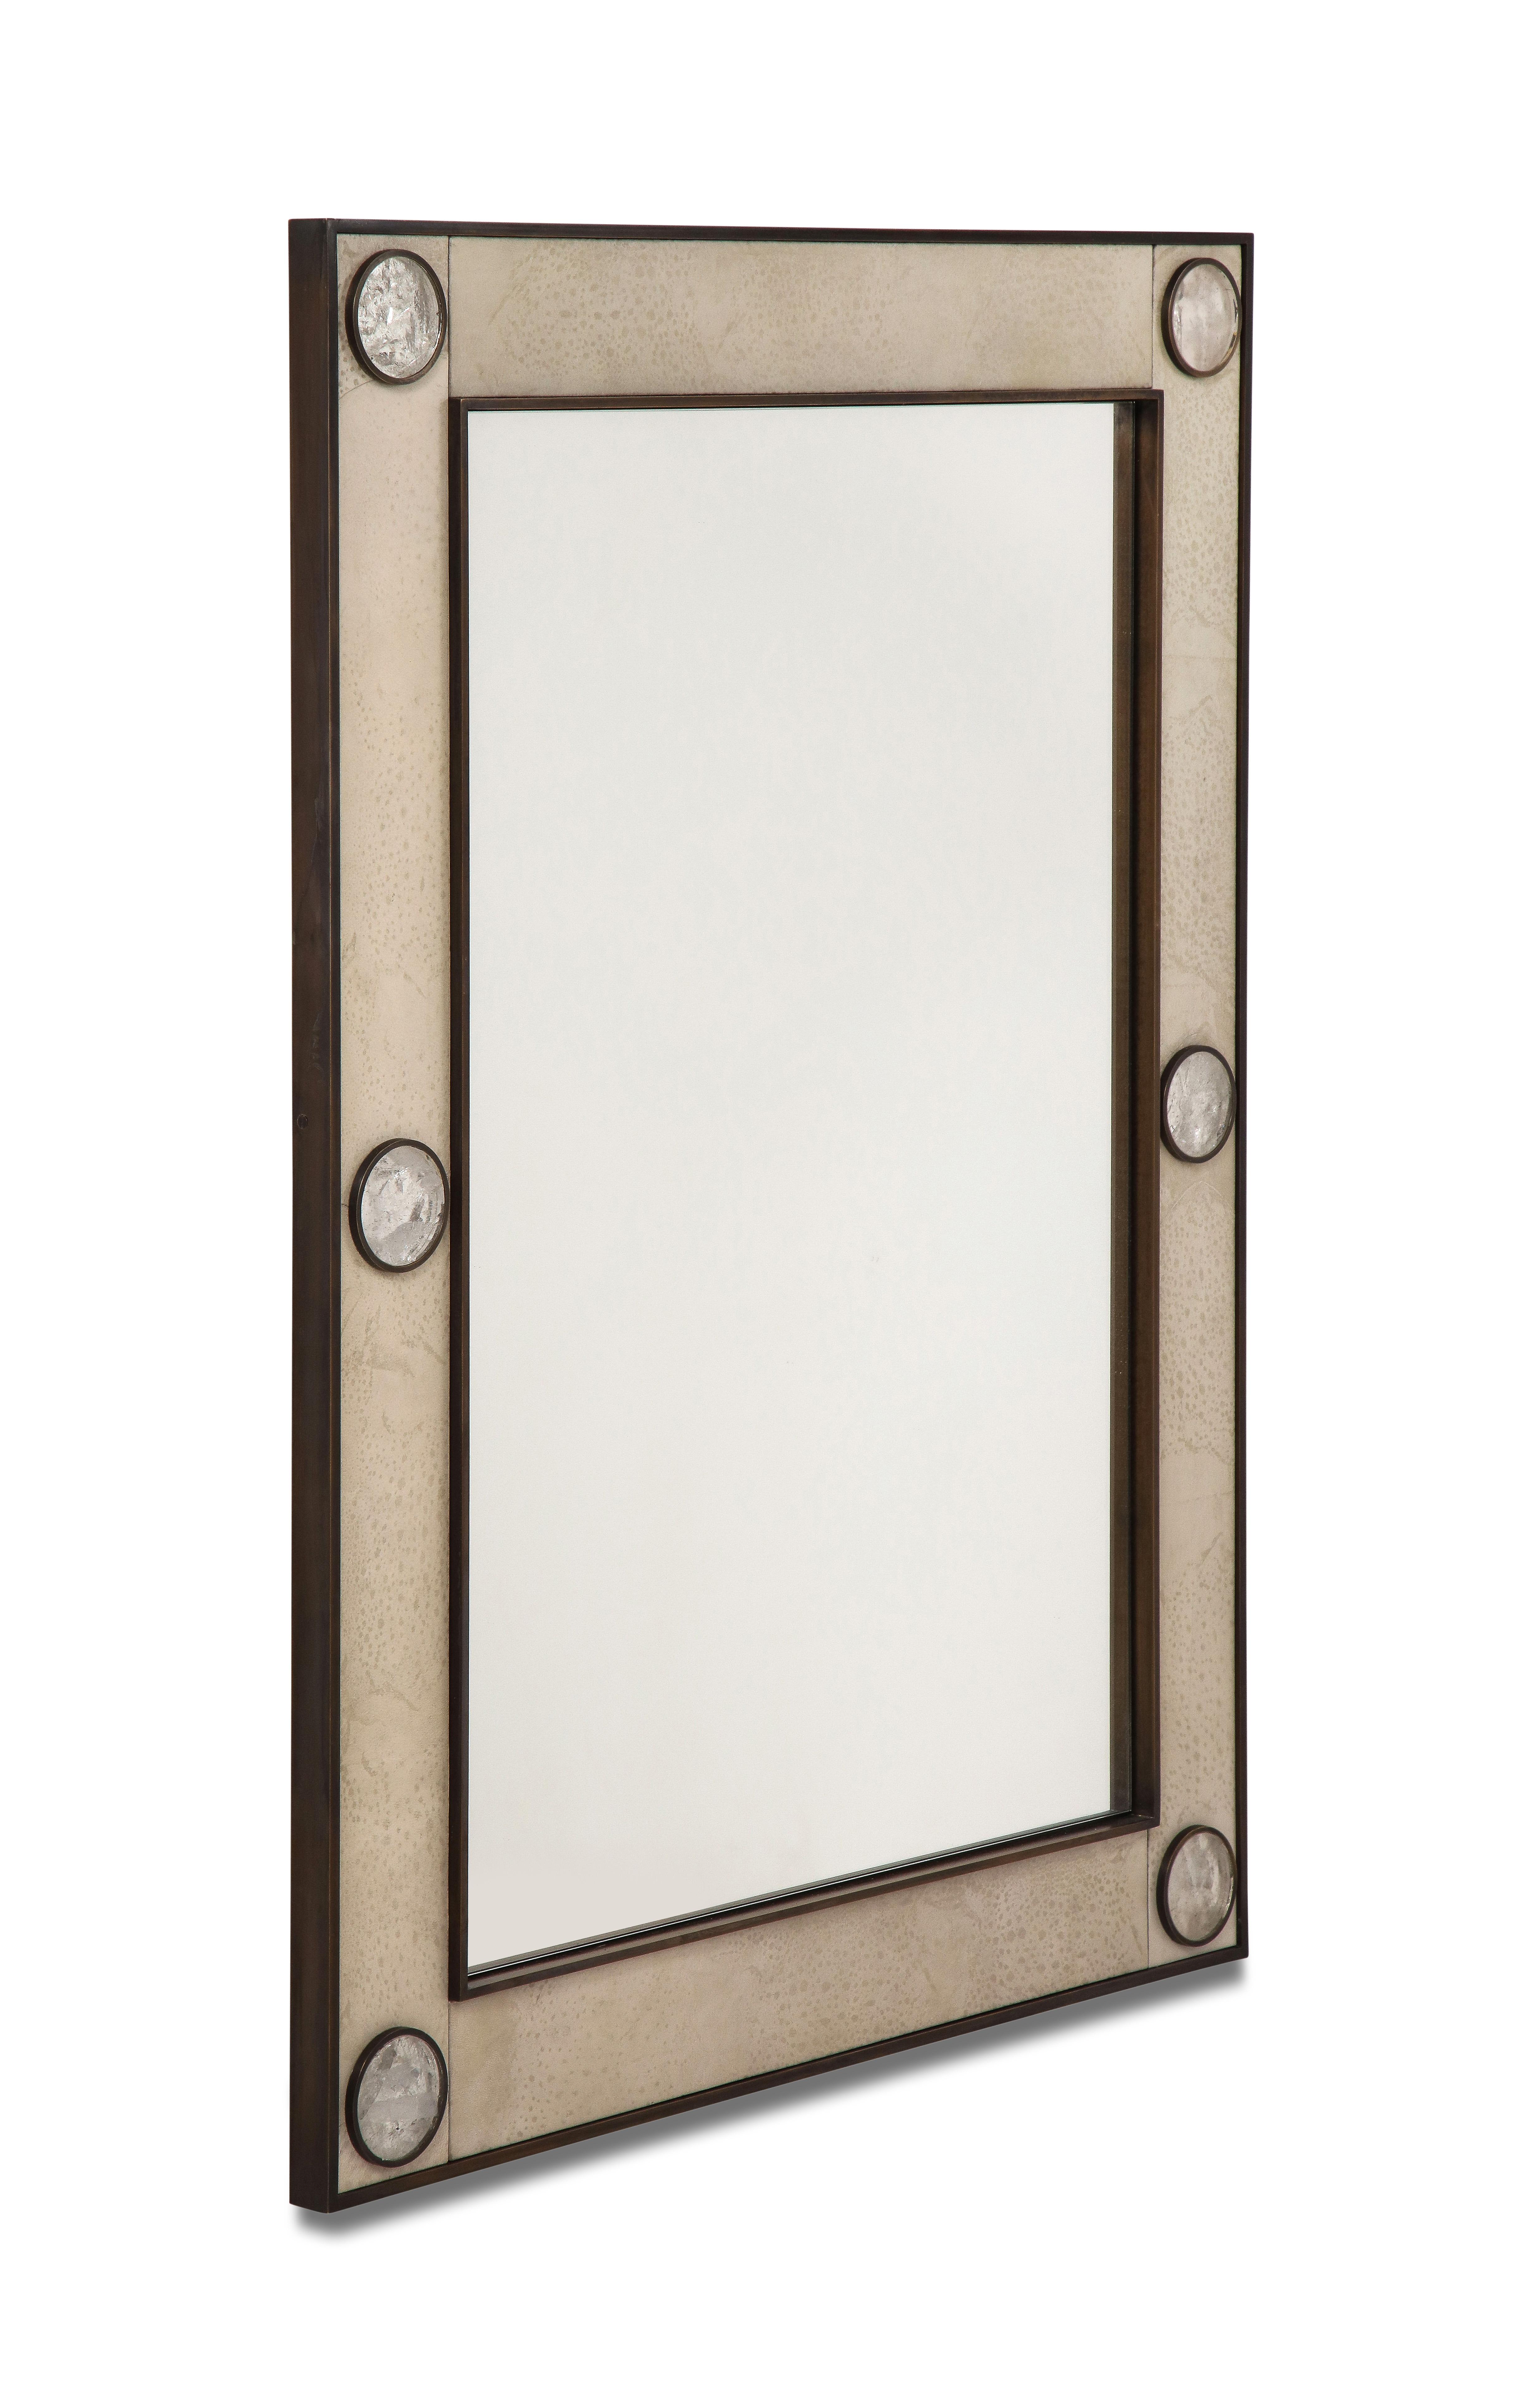 Unique mirror with a